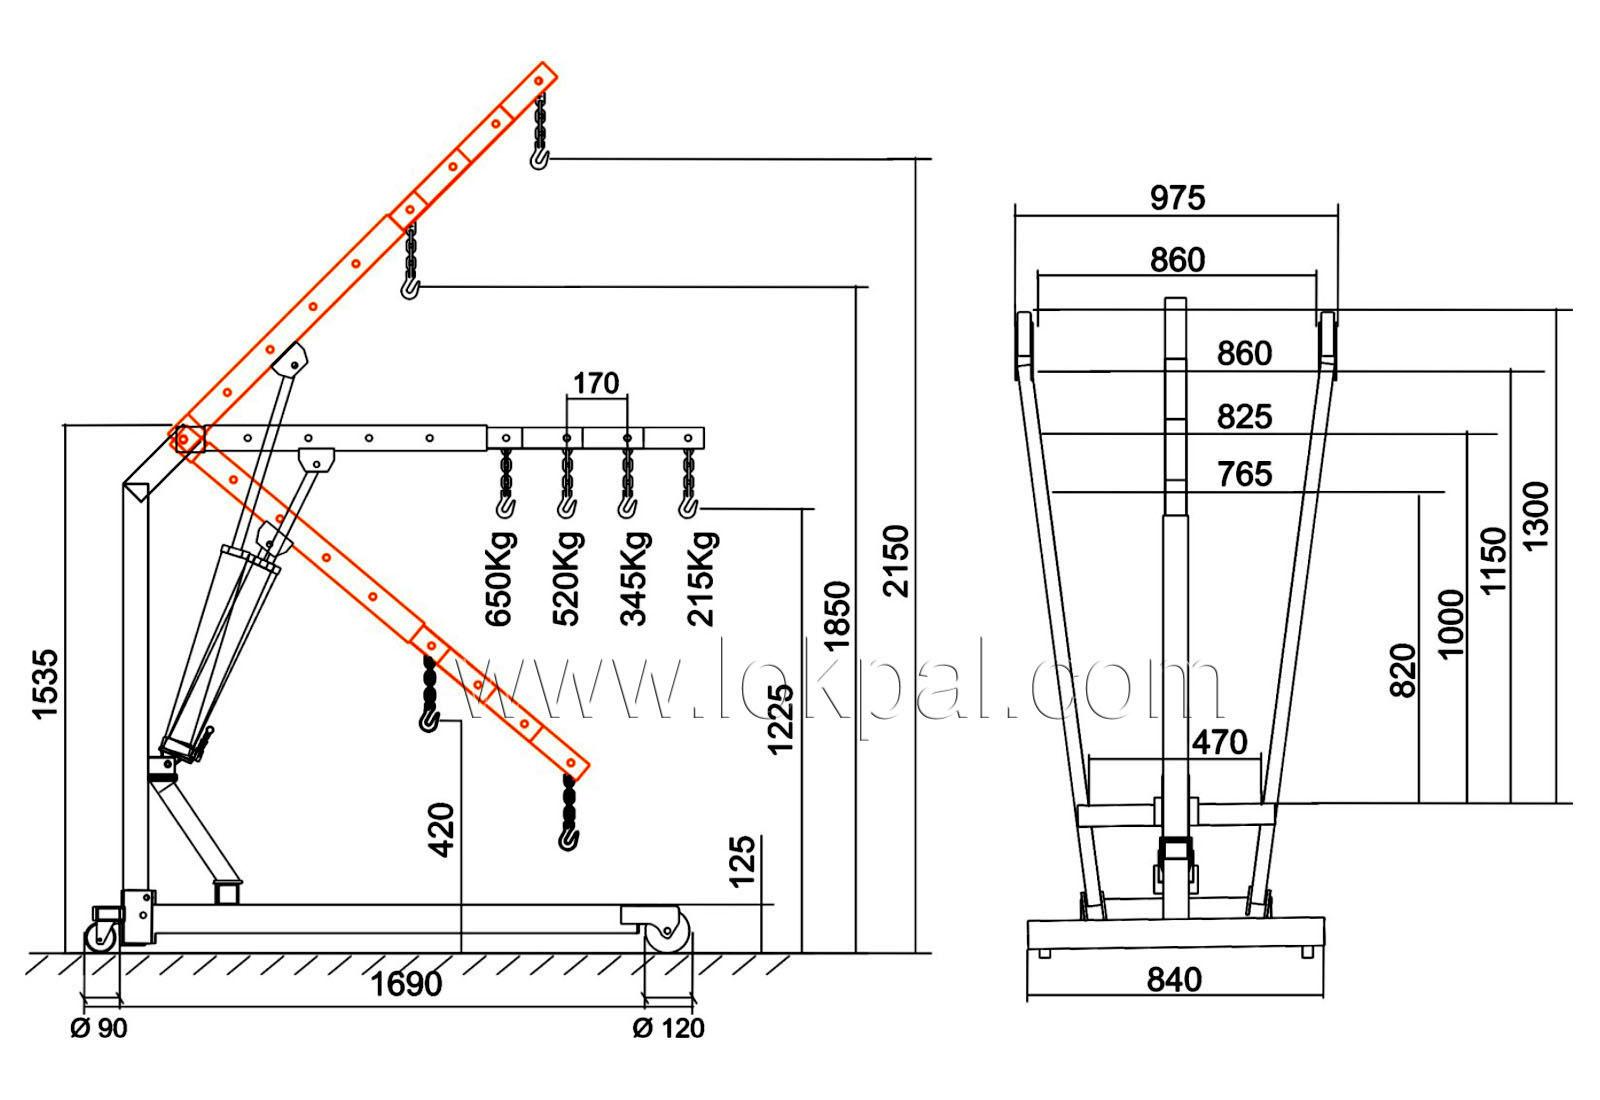 hydraulic engine crane t 30752 manufacturers and suppliersEngine Hoist Diagram #6